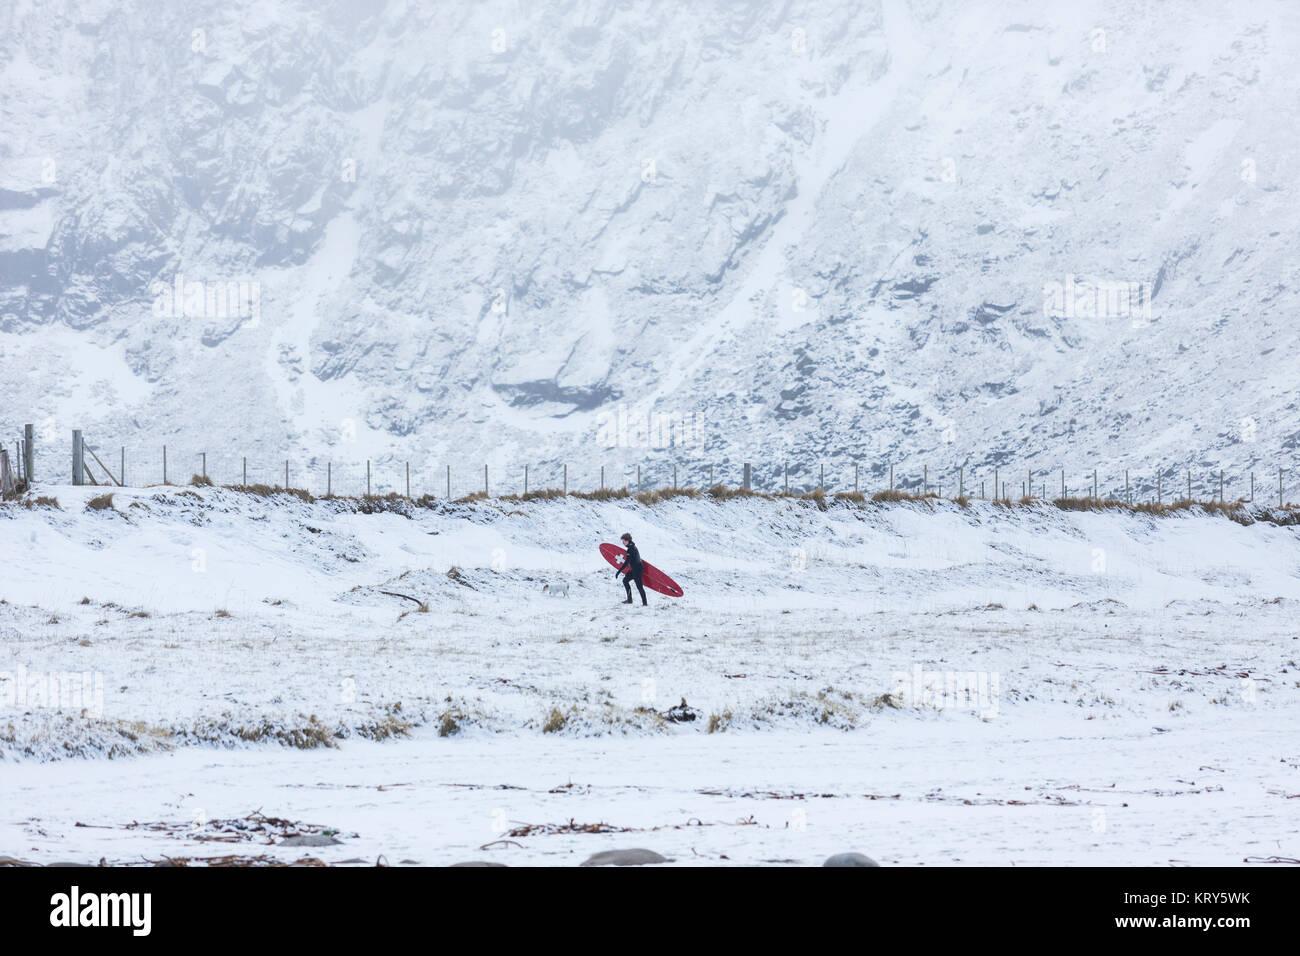 Une personne qui porte une planche de surf sur sol enneigé en Norvège Photo Stock